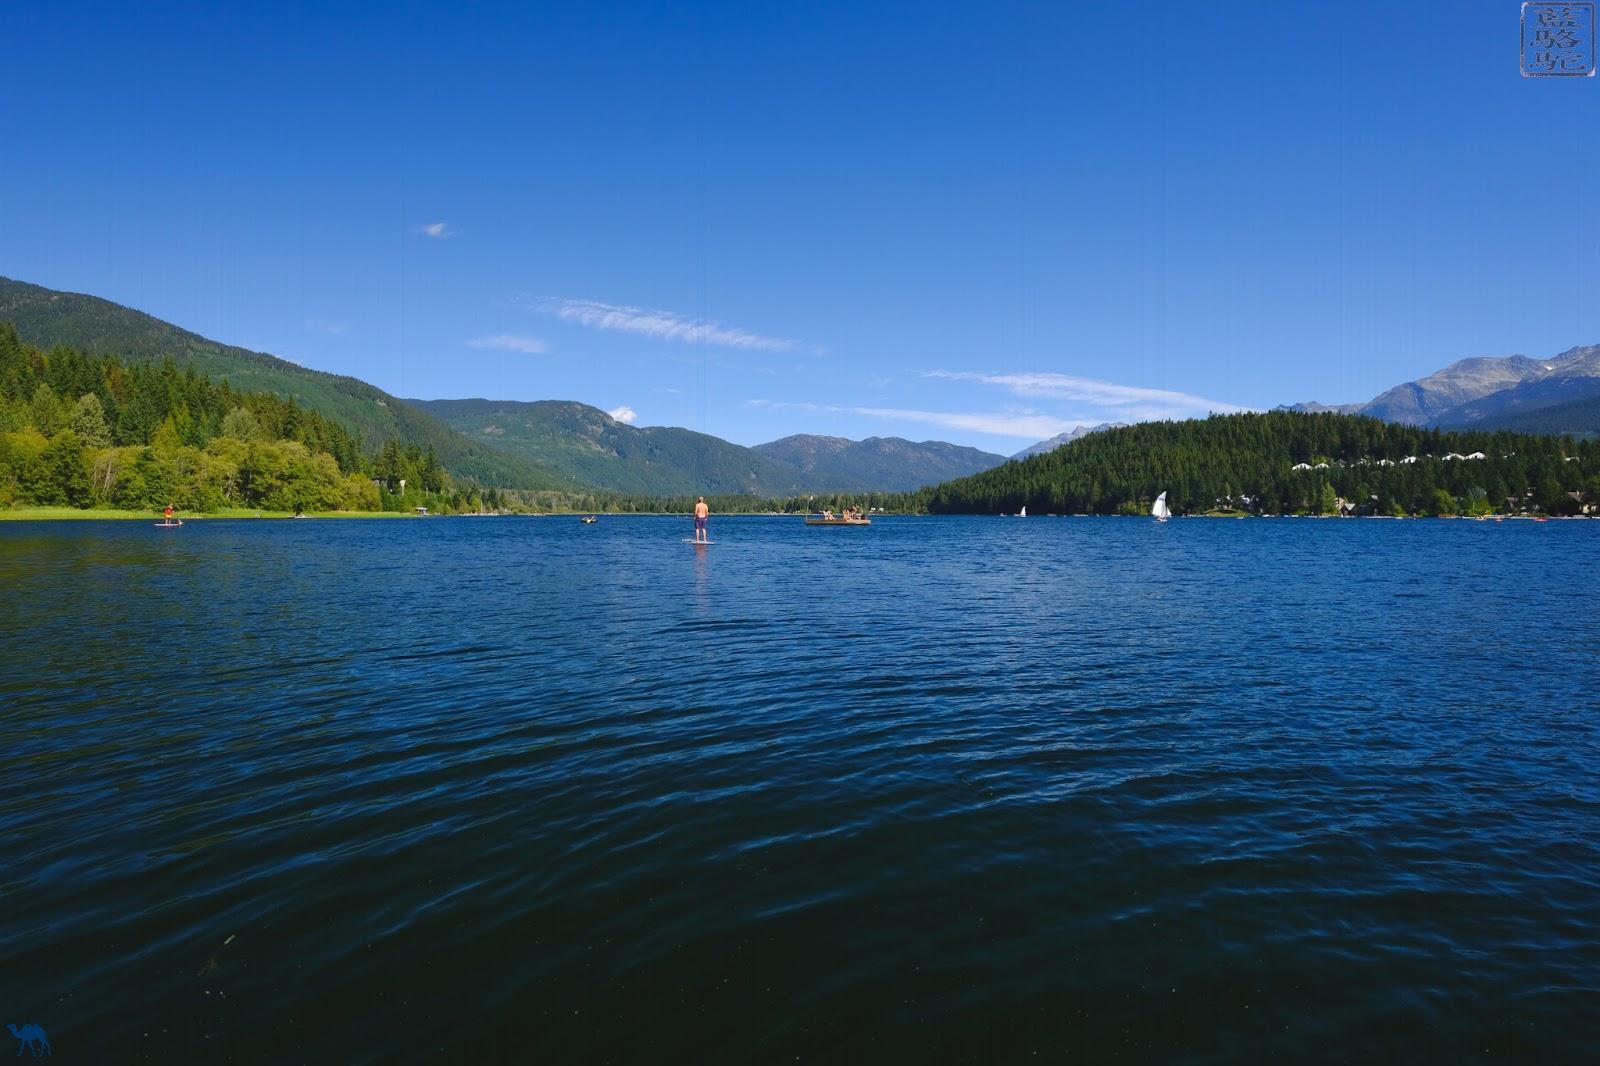 Le Chameau Bleu - Blog Voyage Canada Colombie Britannique -Alta Lake